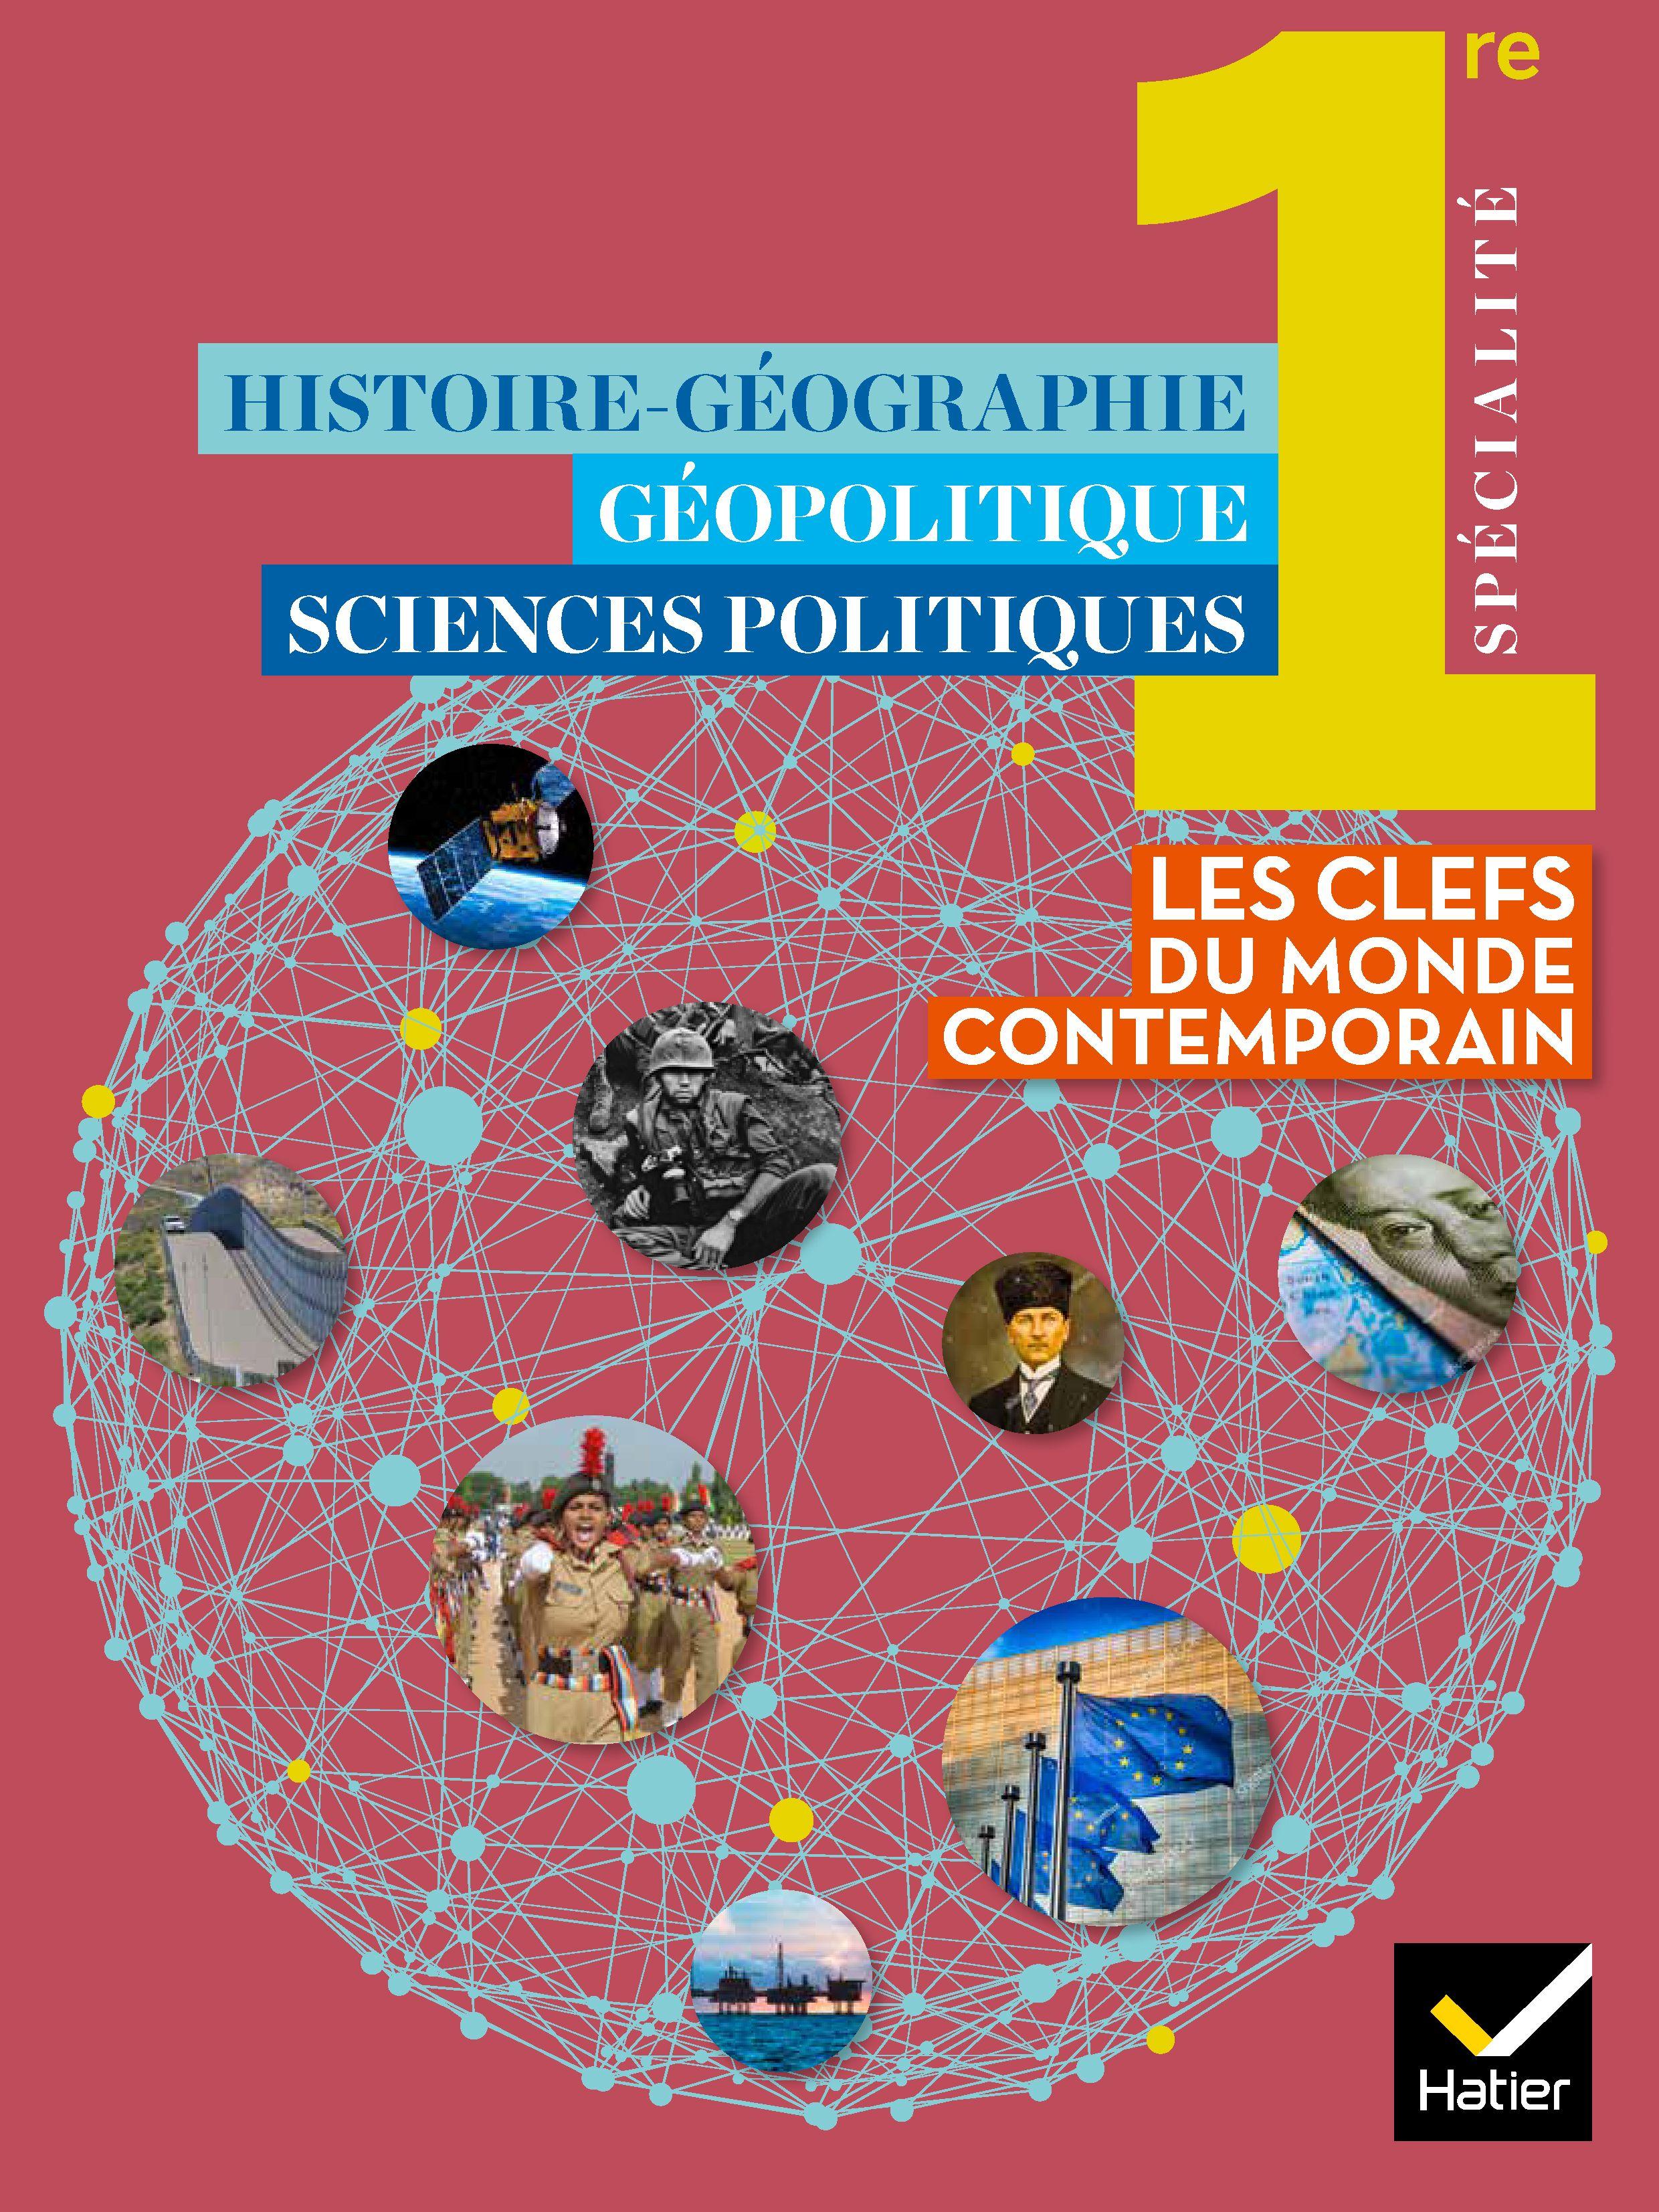 Geopolitique 1re Science Politique Geopolitique Histoire Geographie